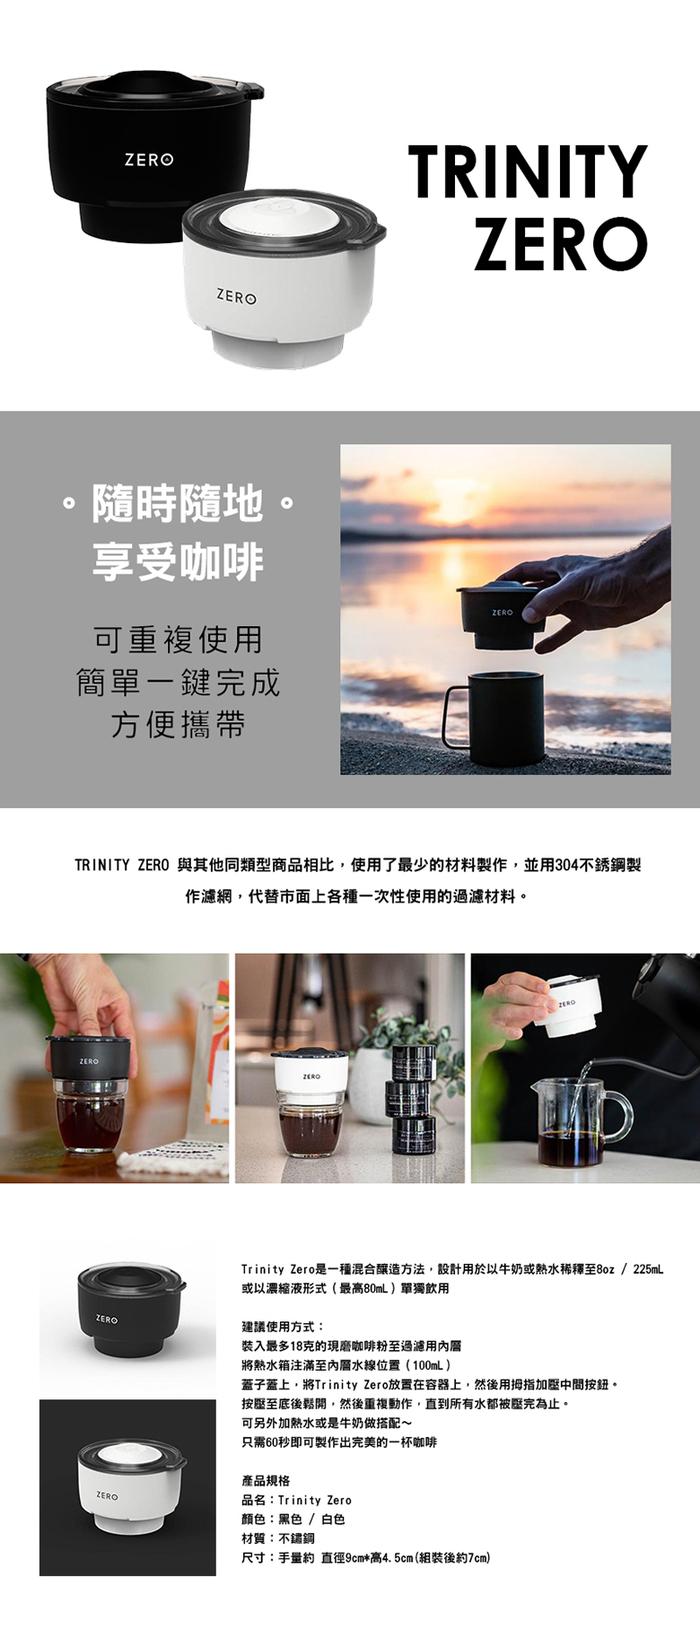 Trinity Zero 隨行壓 1分鐘完成香濃咖啡 / 隨身咖啡機【授權代理】